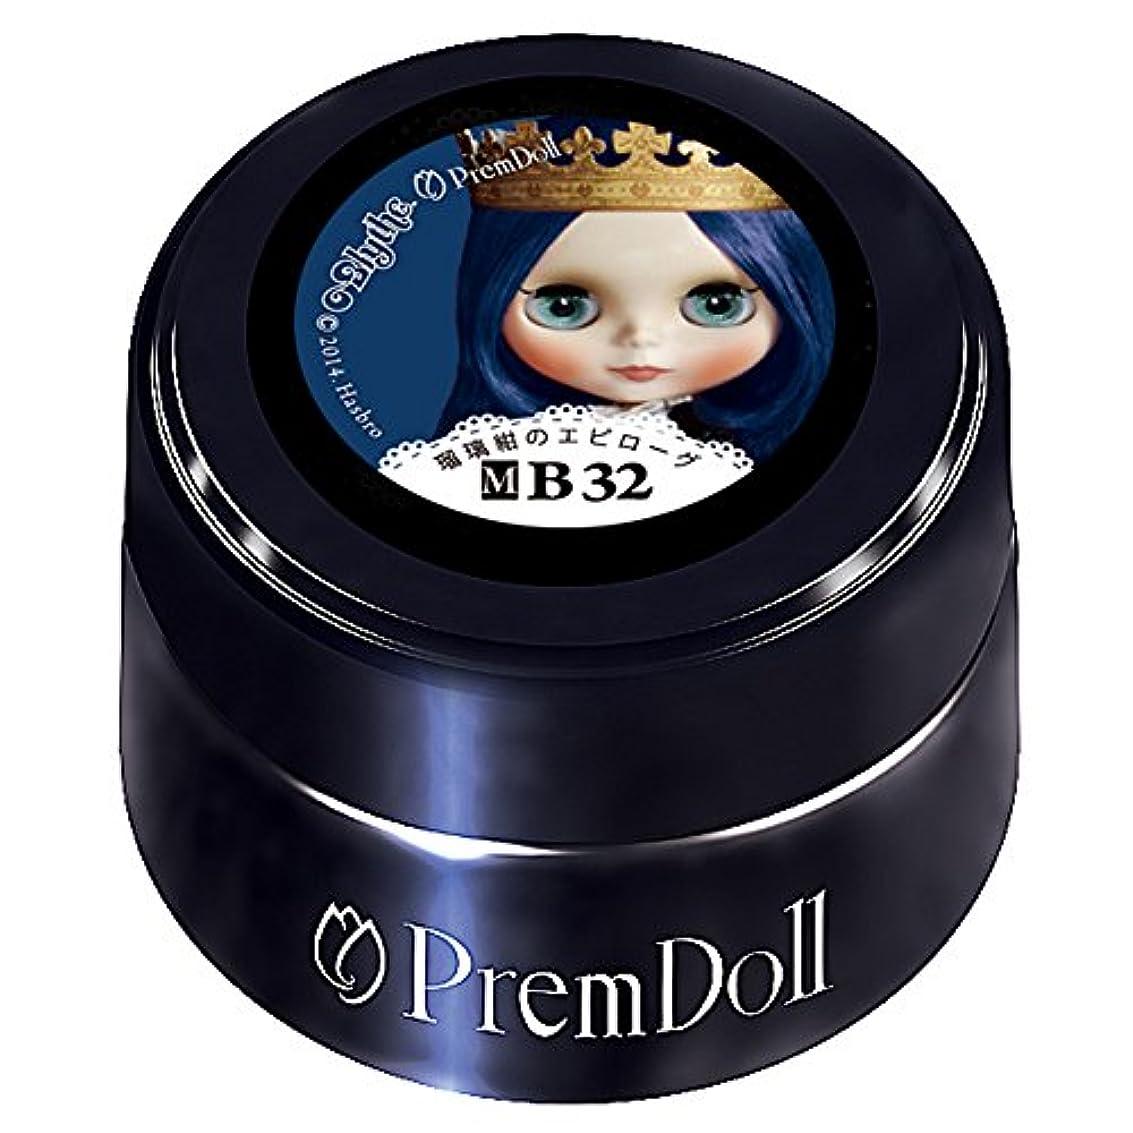 ハンカチ毛布悲しむプリムドール 瑠璃紺のエピローグ 3g DOLL-B32